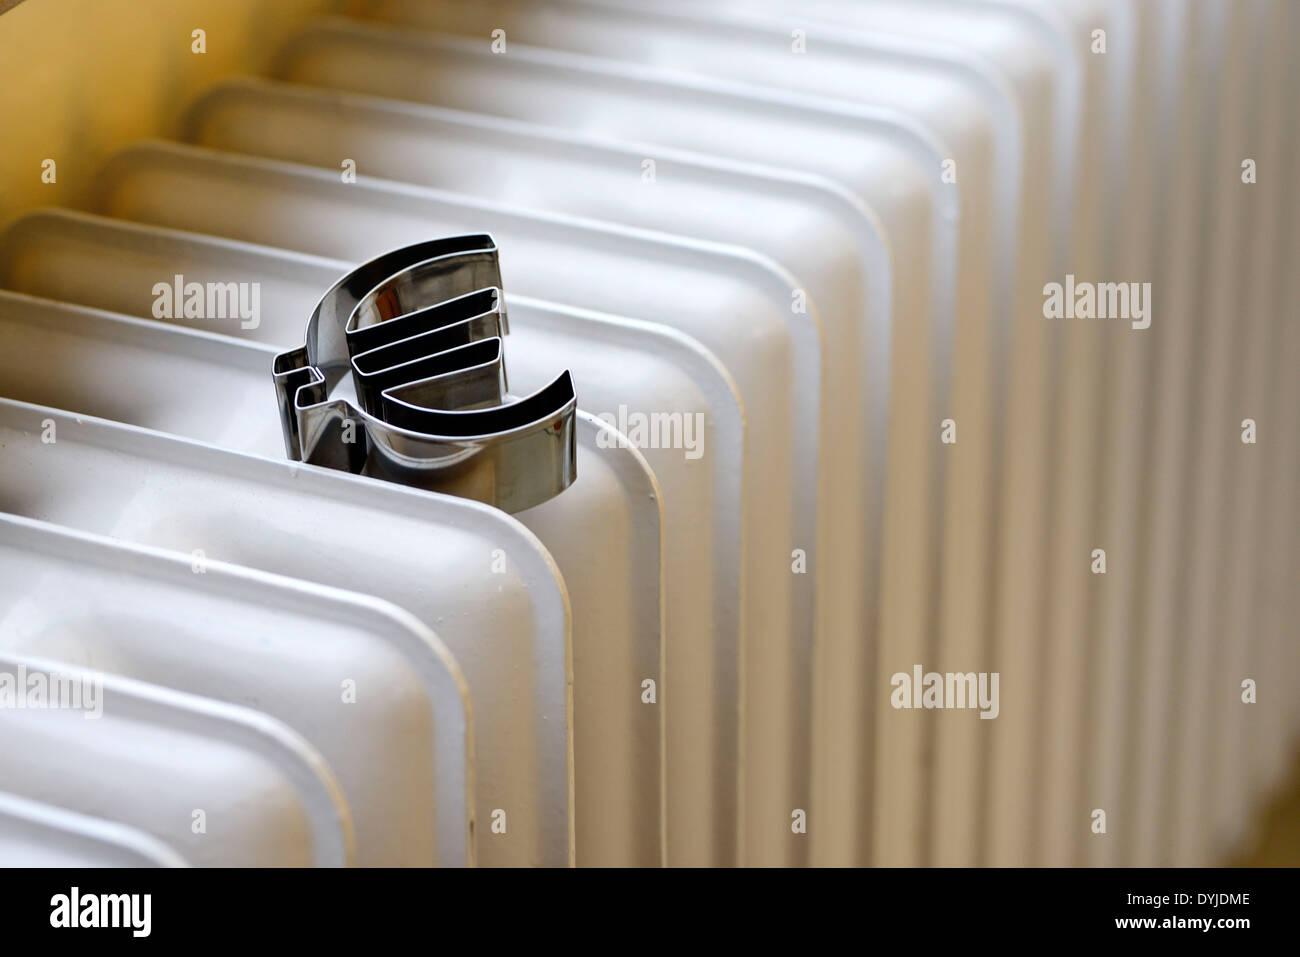 Alte Heizkörper alter rippenheizkörper mit eurozeichen abwrackprämie für alte stock